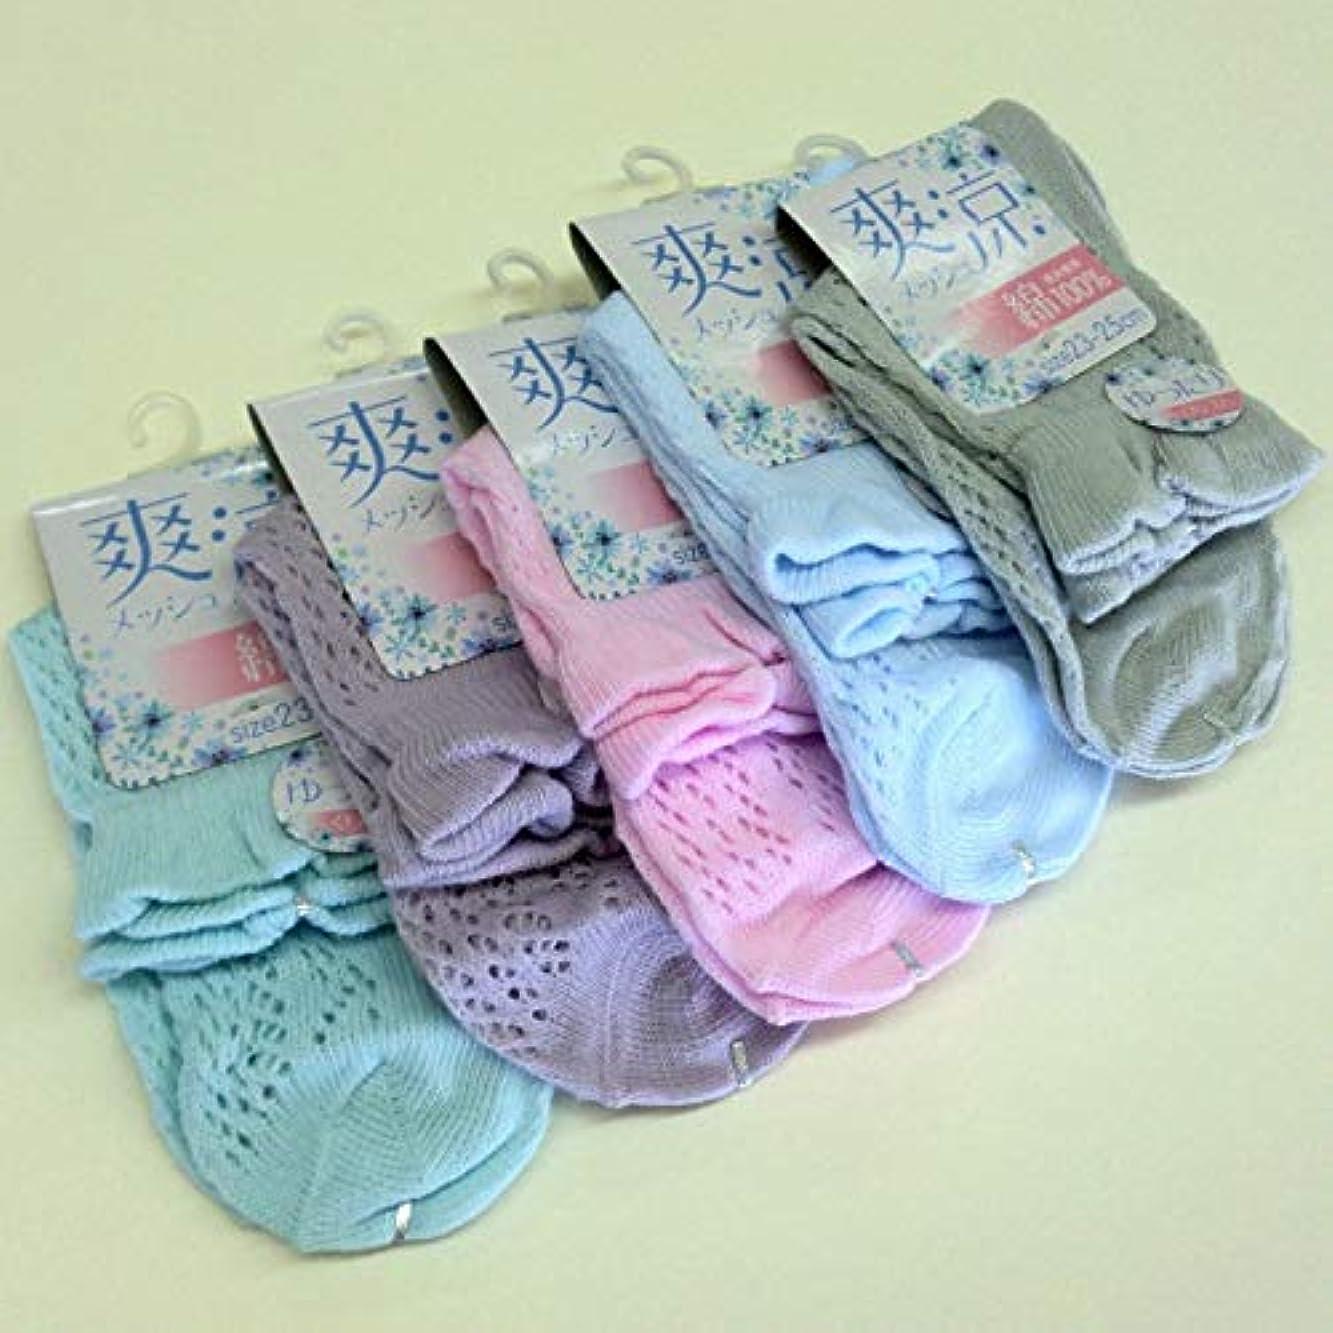 場合ビルマ討論靴下 レディース 夏 表糸綿100% 涼しいルミーソックス セット 5色5足組